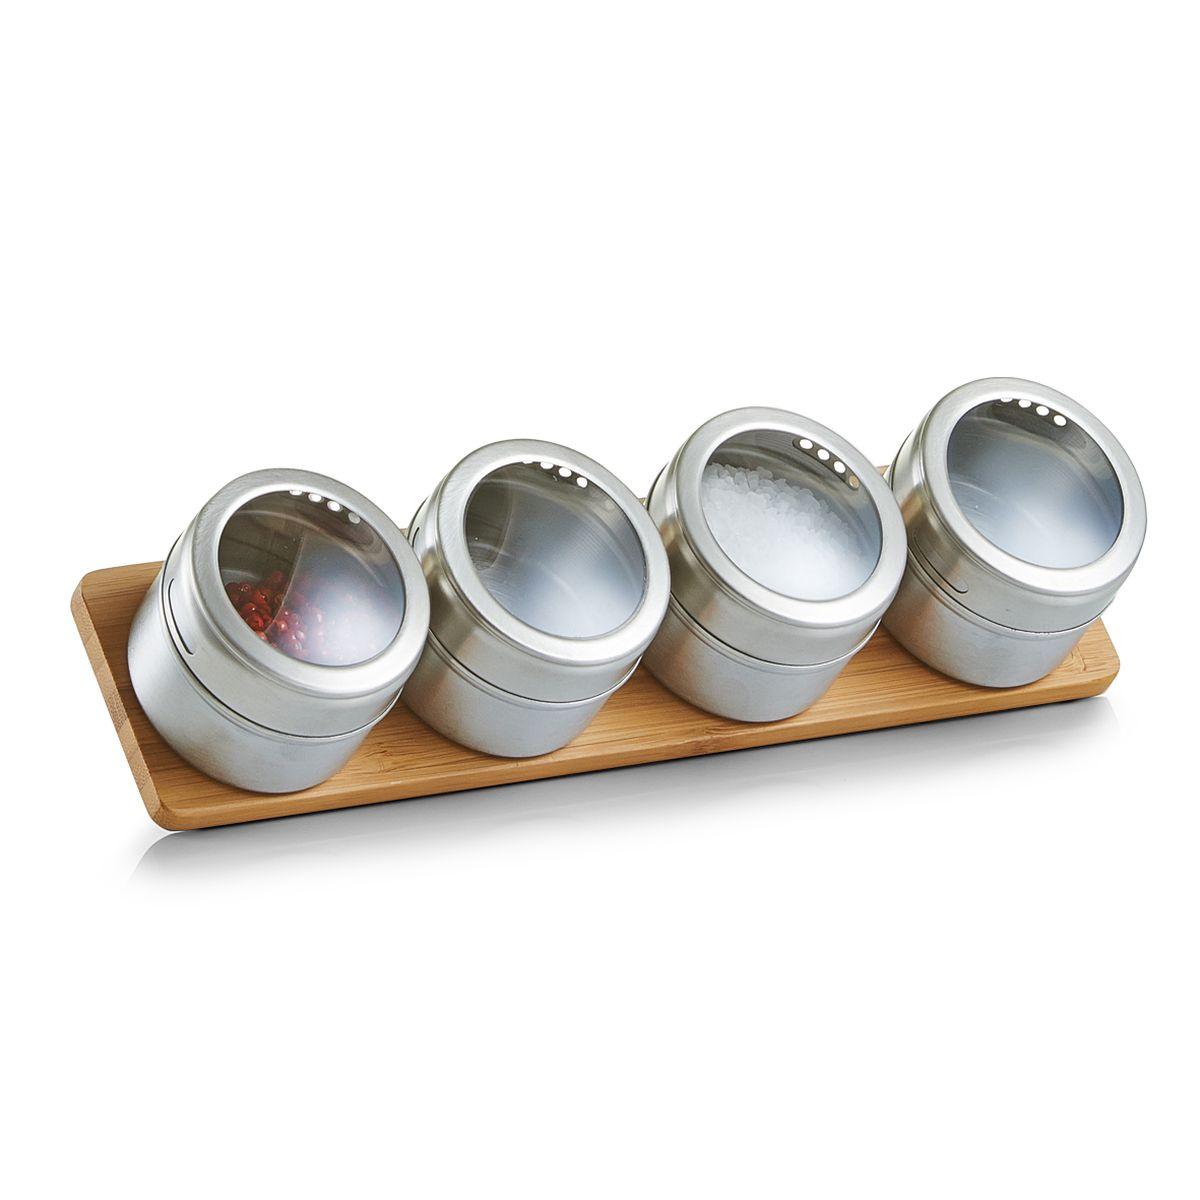 Набор для специй Zeller, на подставке, 5 предметов, 28 х 6,8 х 6 см4630003364517Набор состоит из пяти баночек для специй и подставки. Баночки выполнены из нержавеющей стали , оснащены закручивающимися металлическими крышками. Подставка из дерева.Набор для специй стильно оформит интерьер кухни и станет незаменимым при приготовлении пищи. Компактный, он не занимает много места.